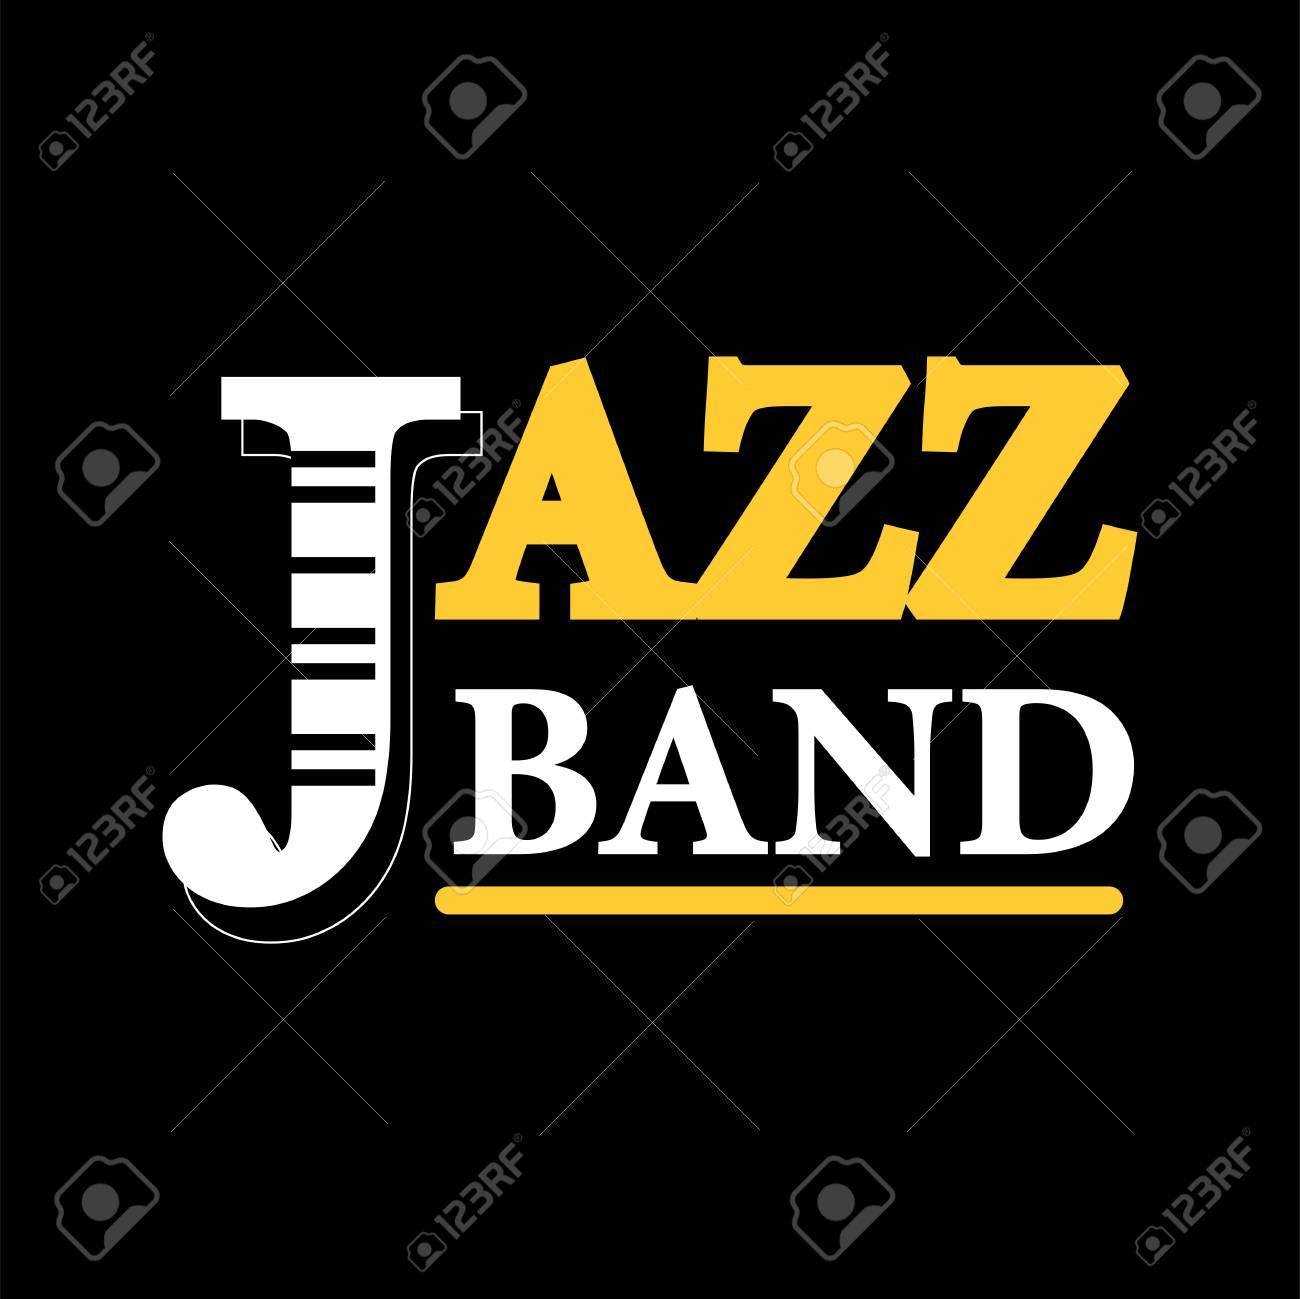 Etiqueta De Logotipo De Concierto De Banda De Jazz Aislado En Fondo ...